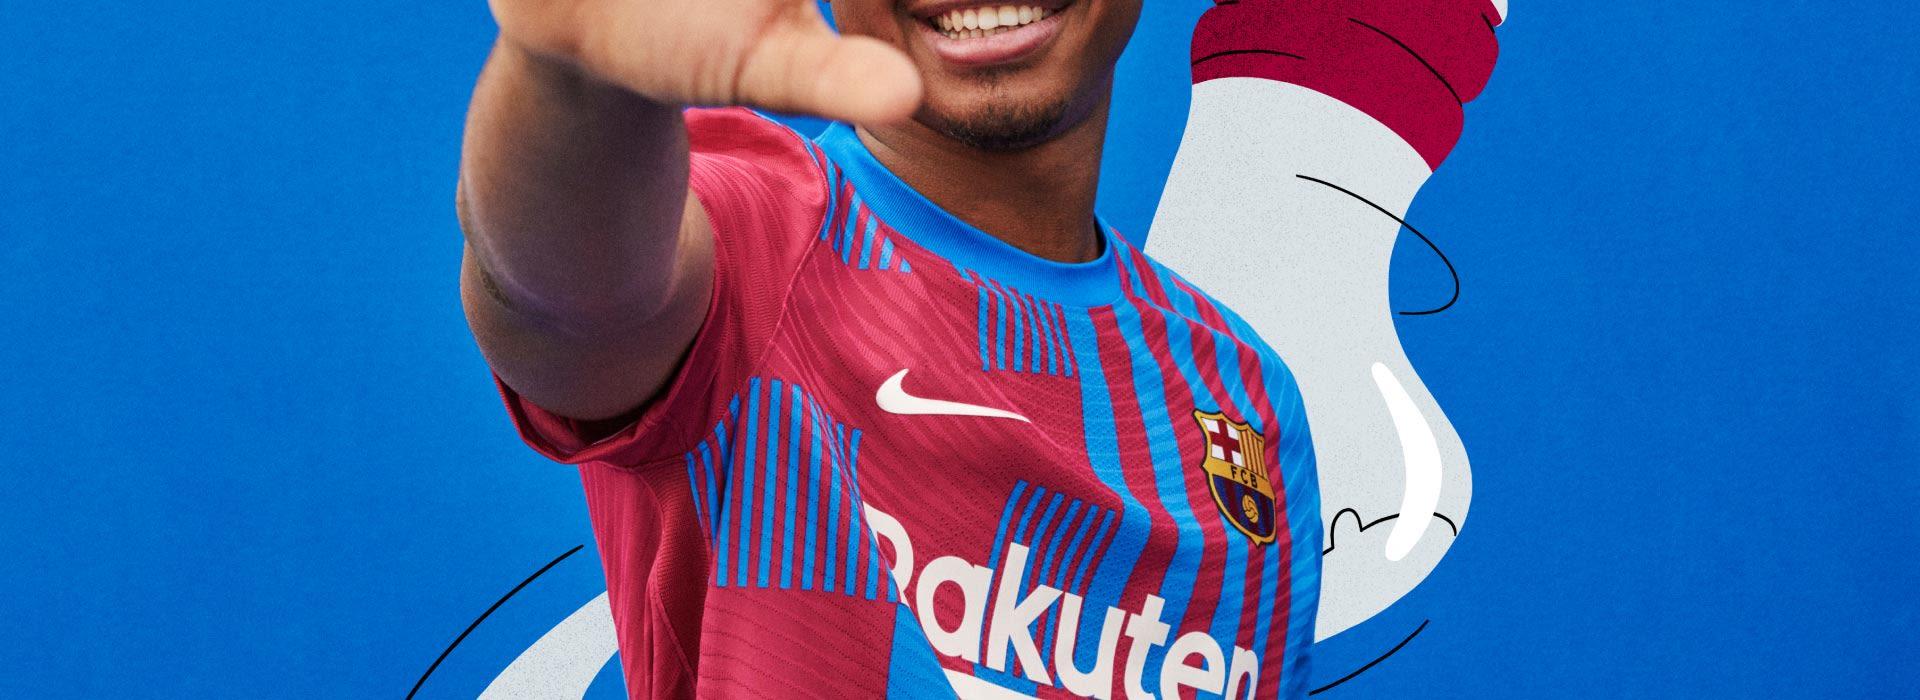 lanzamiento fc barcelona camiseta 21/22